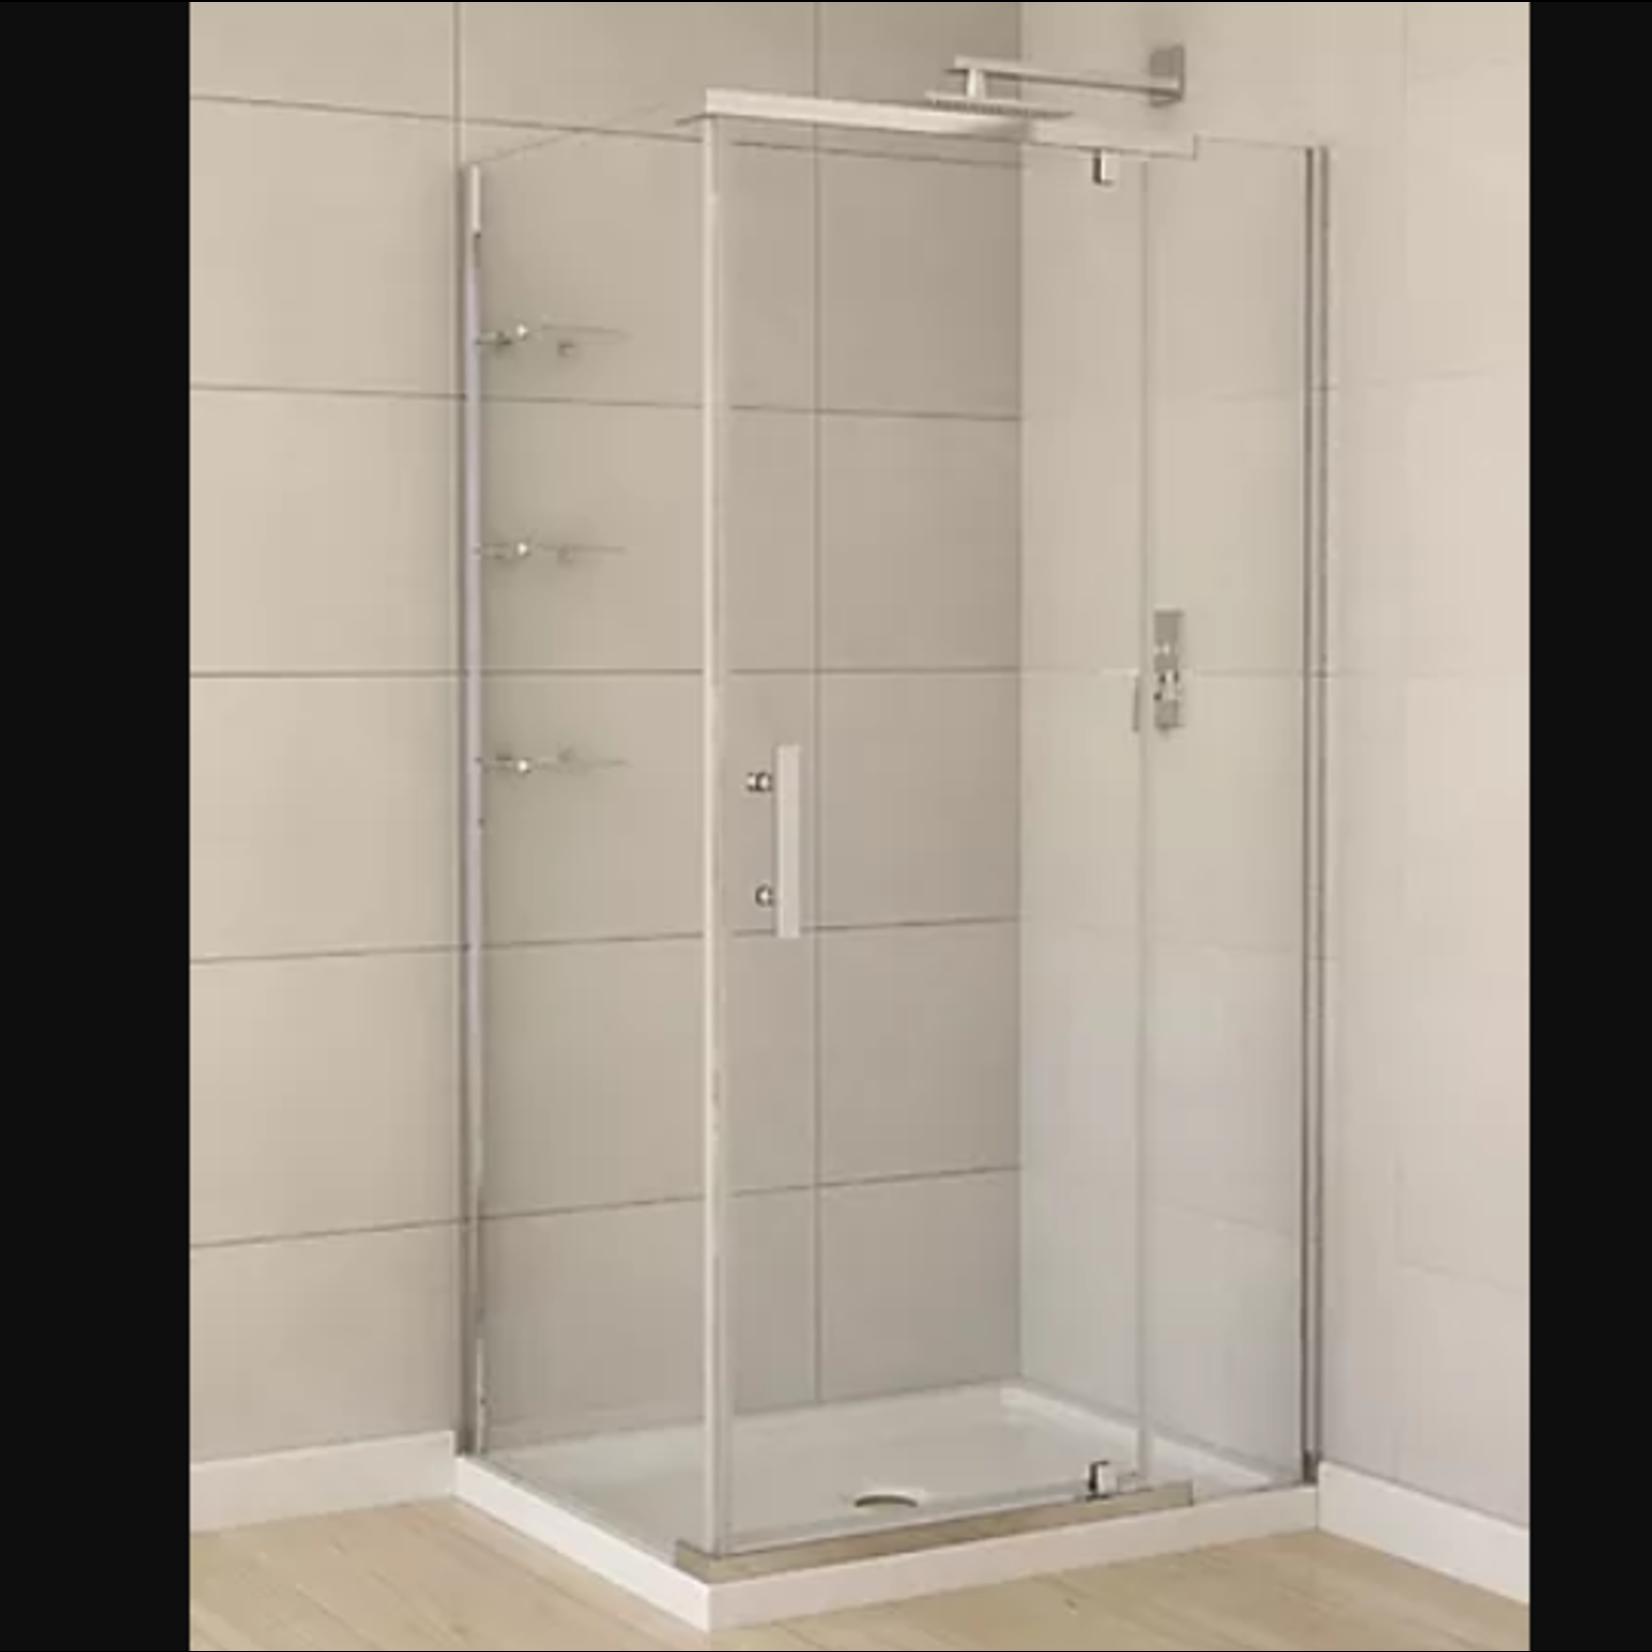 Shower 32x40 CDC